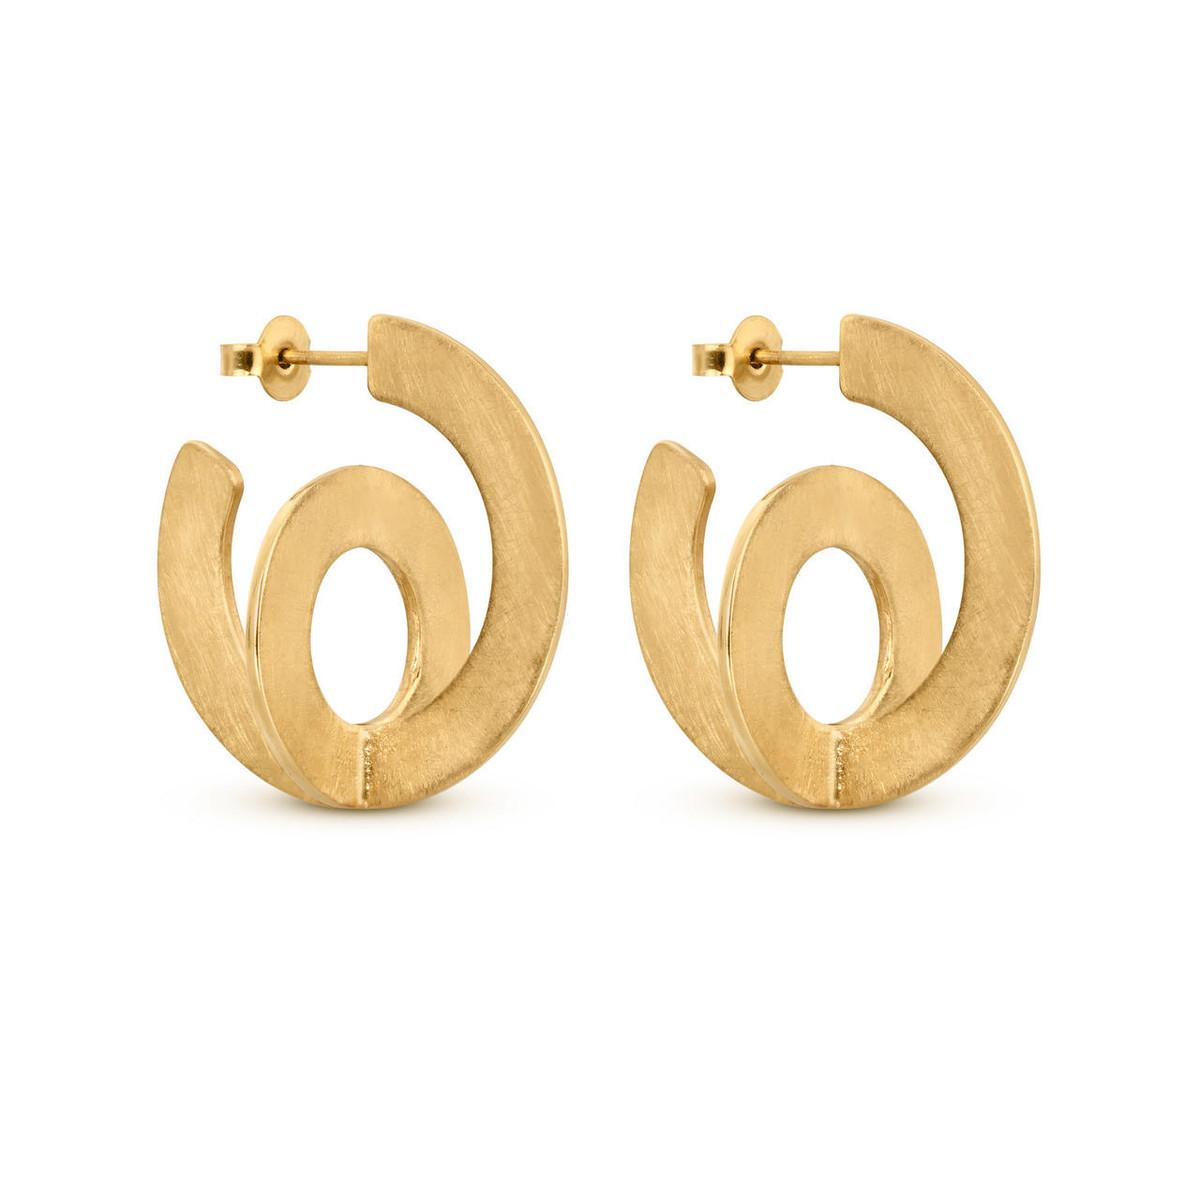 Joidart Cercles Large Hoop Gold Earrings